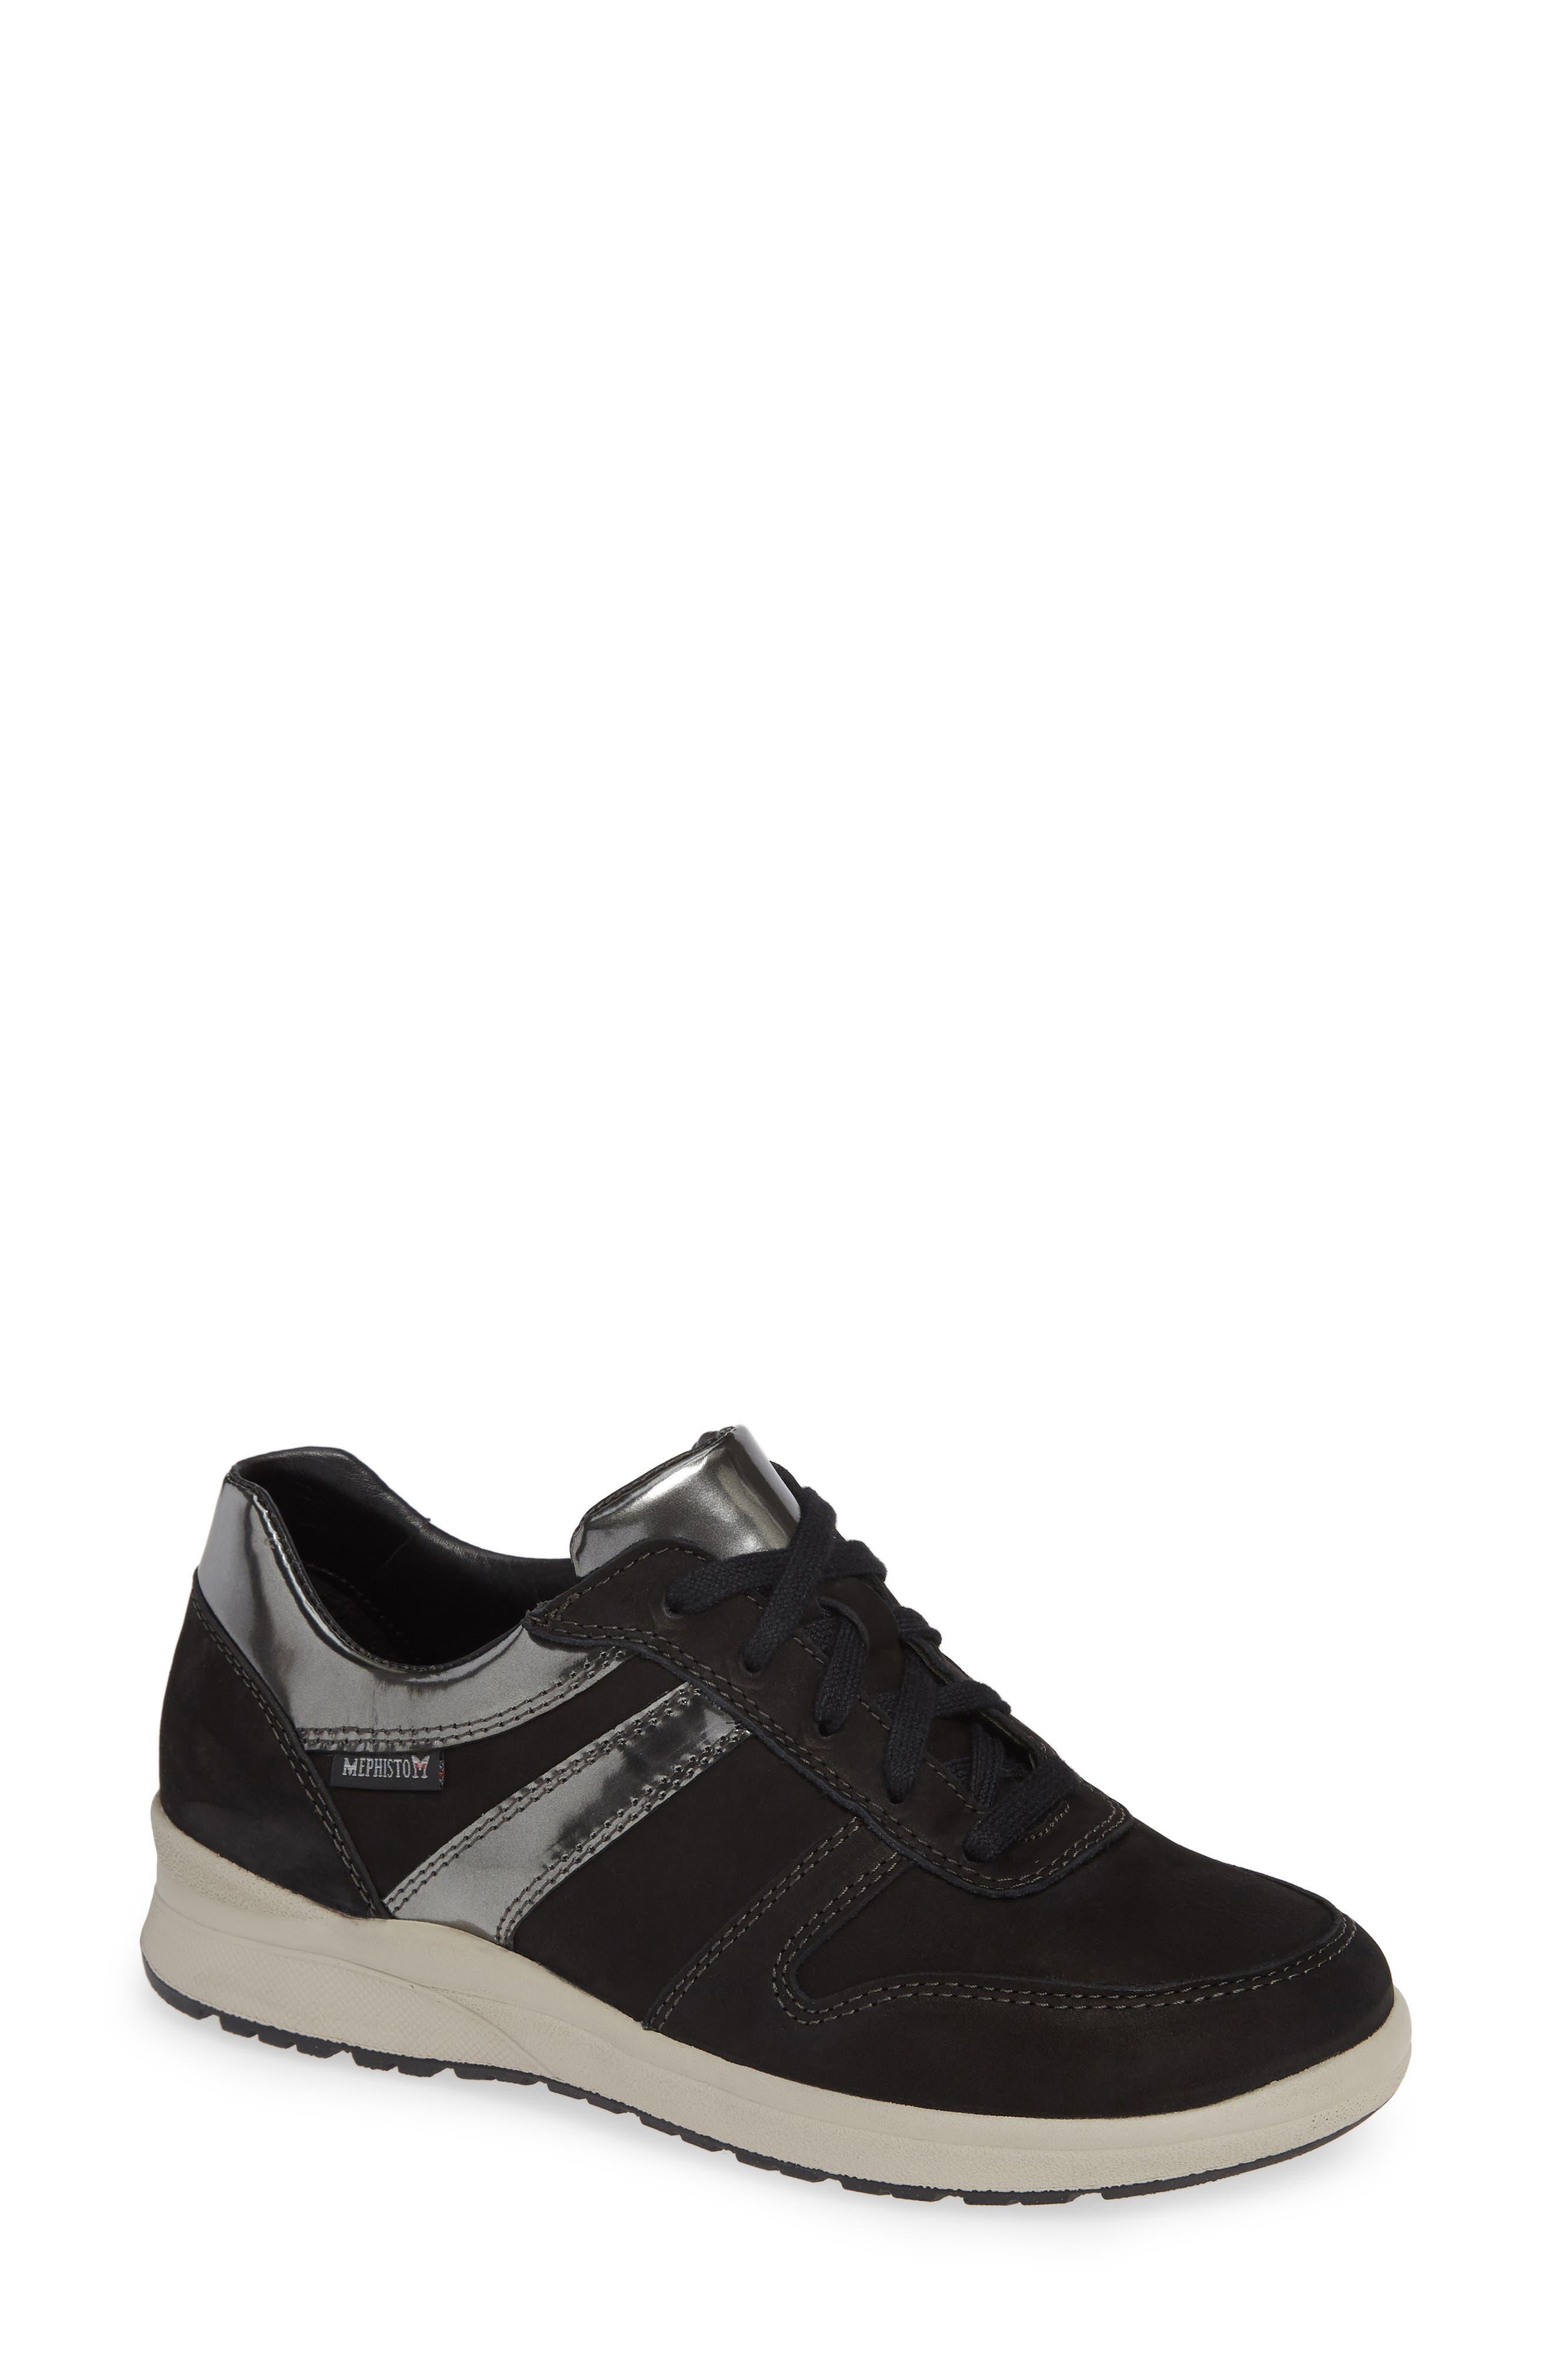 MEPHISTO Rebeca Sneaker, Main, color, BLACK FABRIC